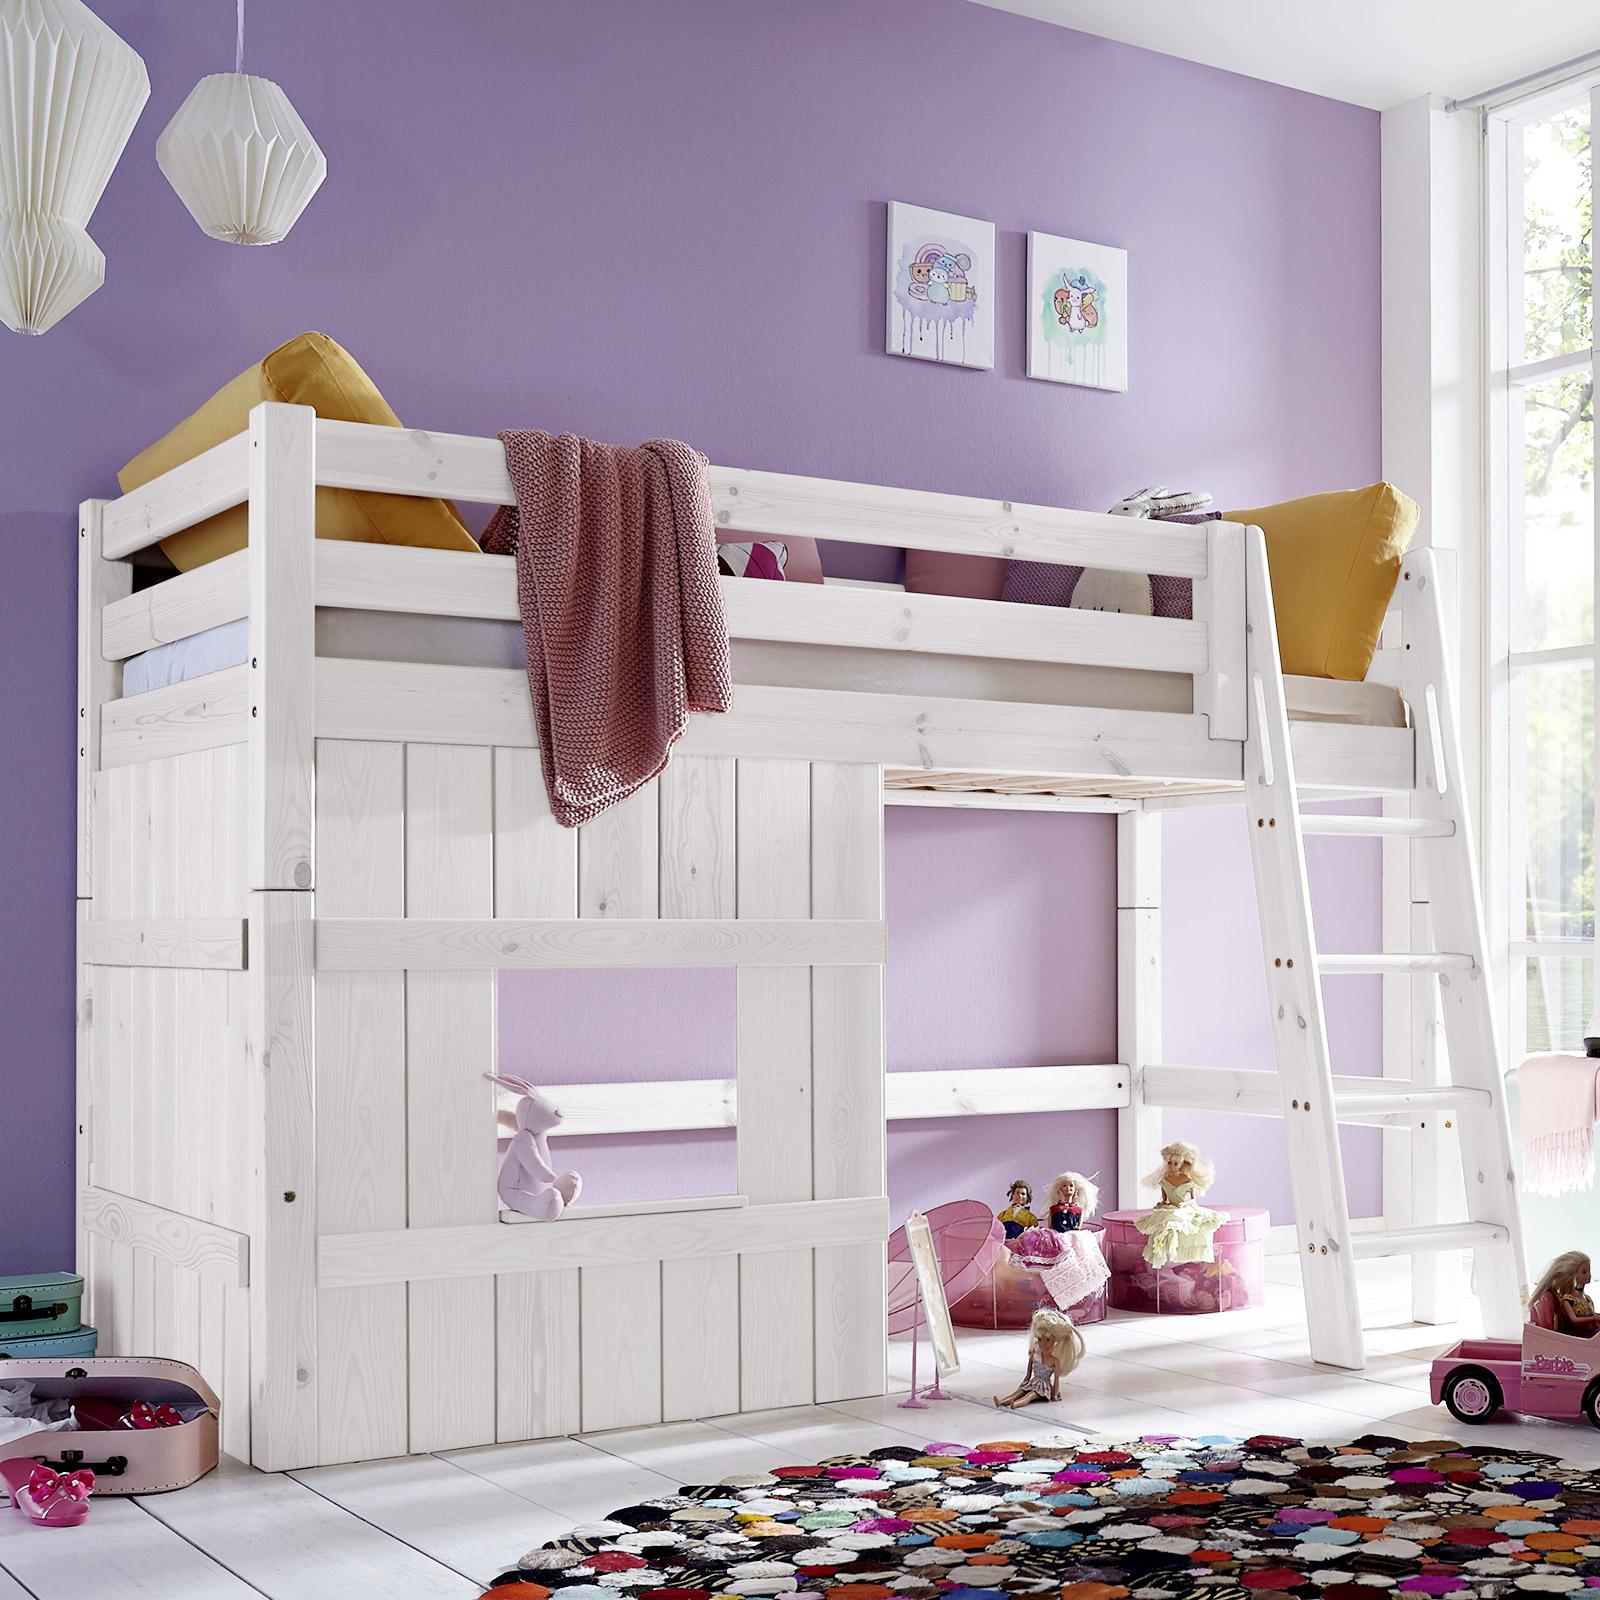 hochbett aus holz mit leiter f r m dchen kids paradise. Black Bedroom Furniture Sets. Home Design Ideas